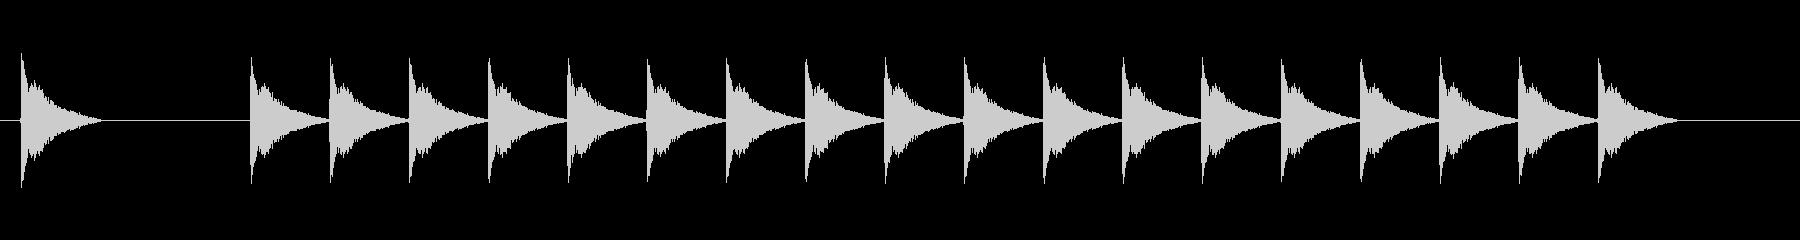 アラーム、電子警告信号の未再生の波形